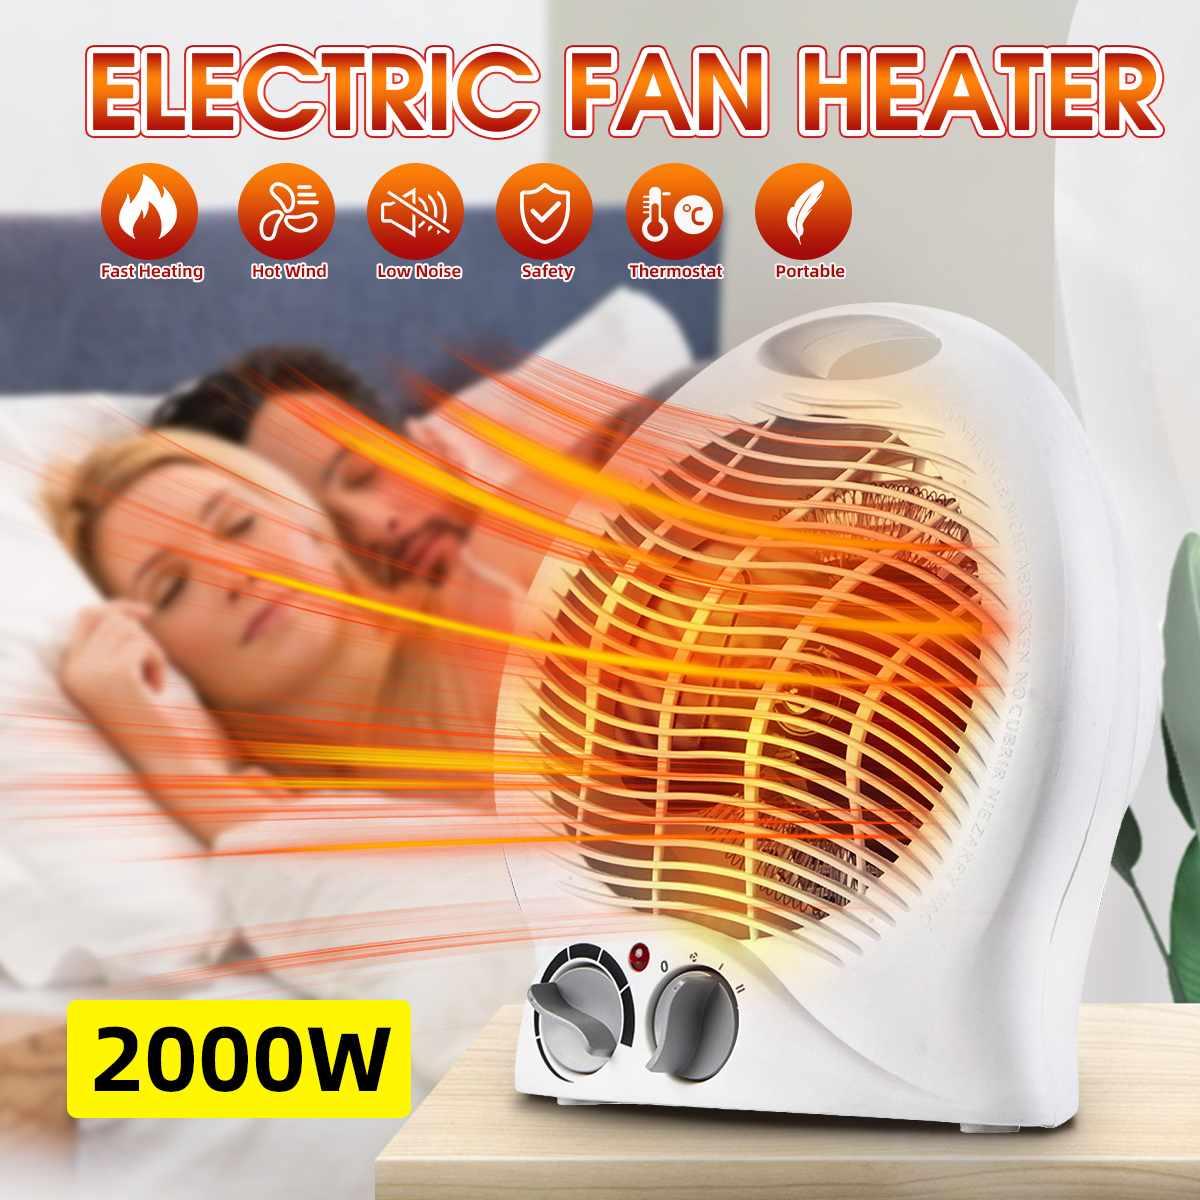 3 إعداد التدفئة المحمولة الكهربائية مساحة مراوح تسخين المنزل سطح المكتب الكهربائية دفئا المبرد معطف شتوي آلة 220 فولت 2000 واط